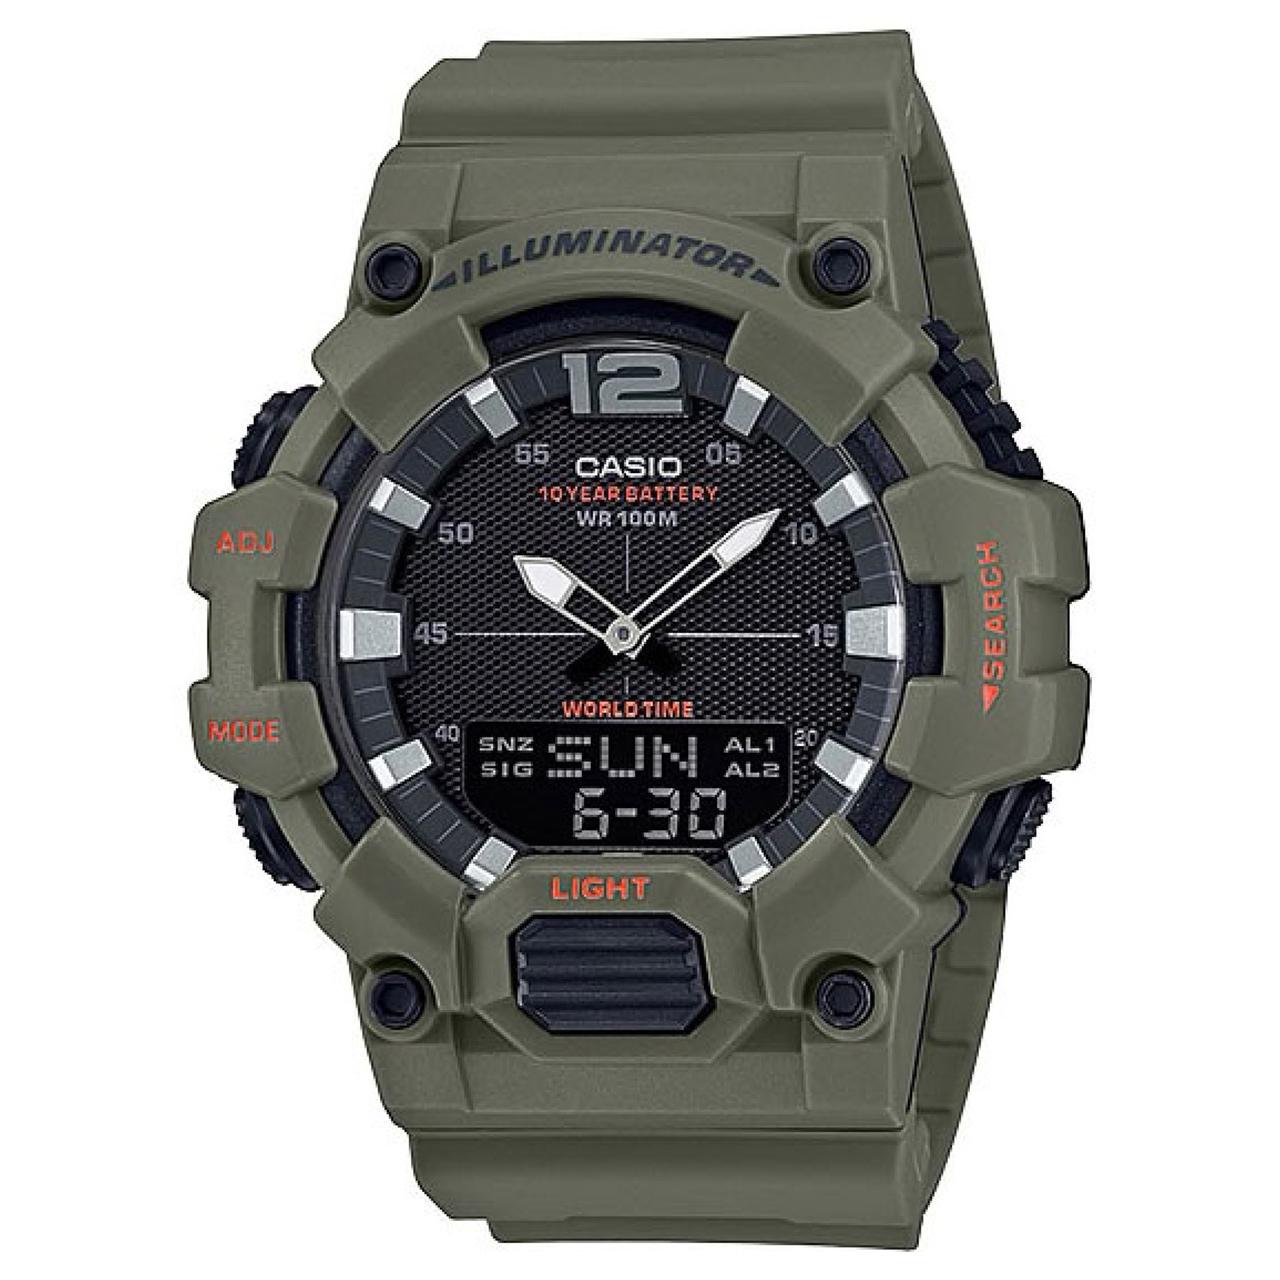 ساعت مچی دیجیتال مردانه کاسیو مدل HDC-700-3A2VDF